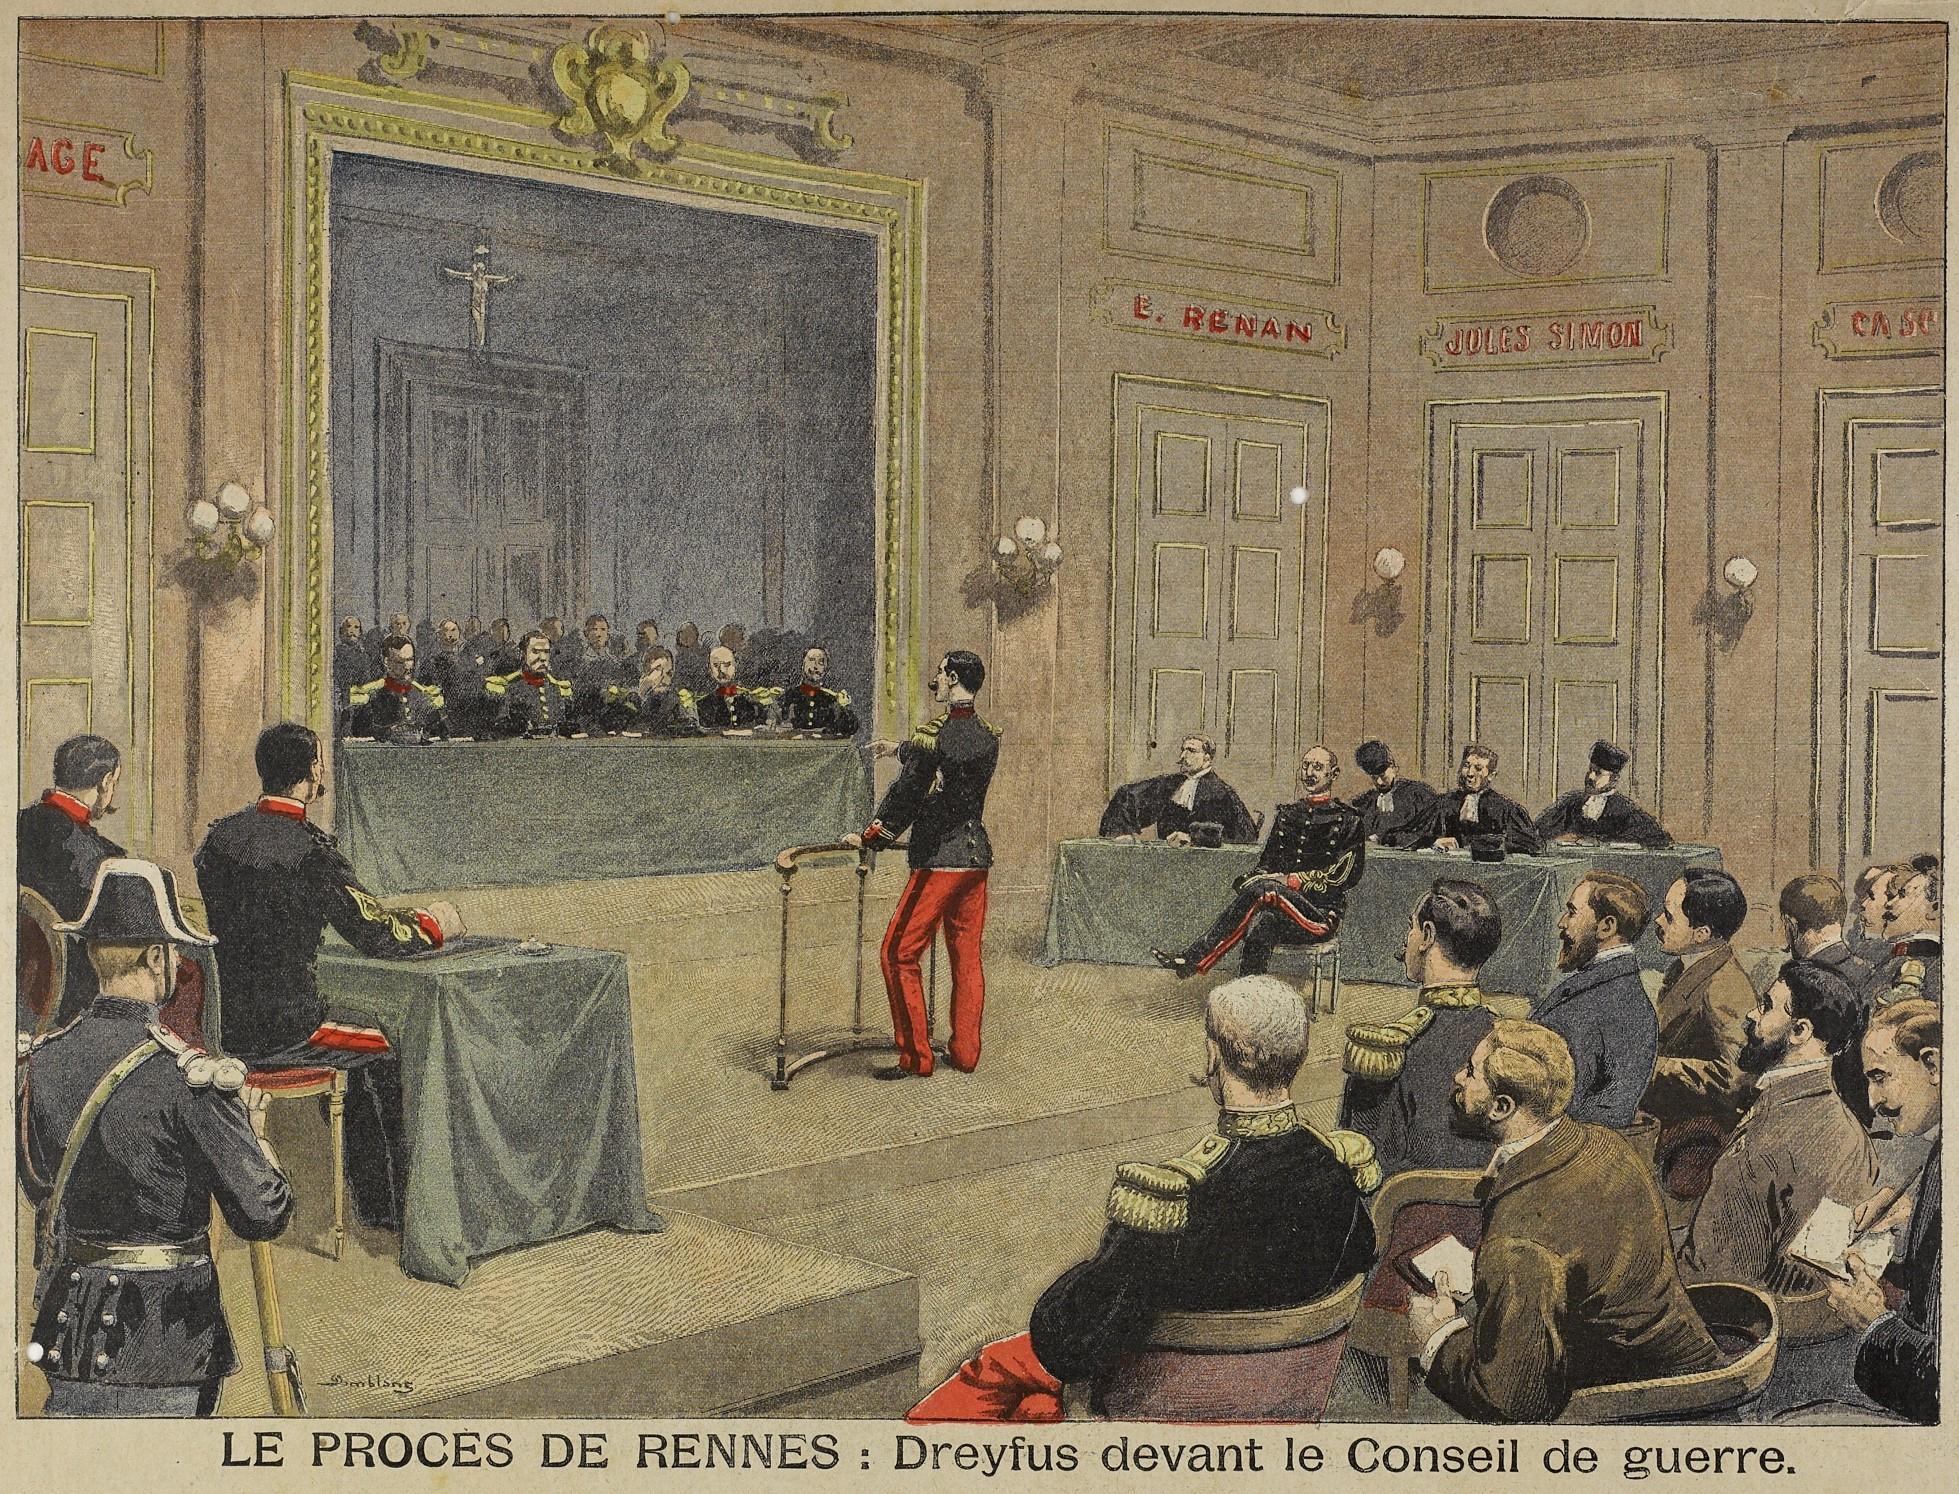 Fichier:Dreyfus-rennes2.jpg